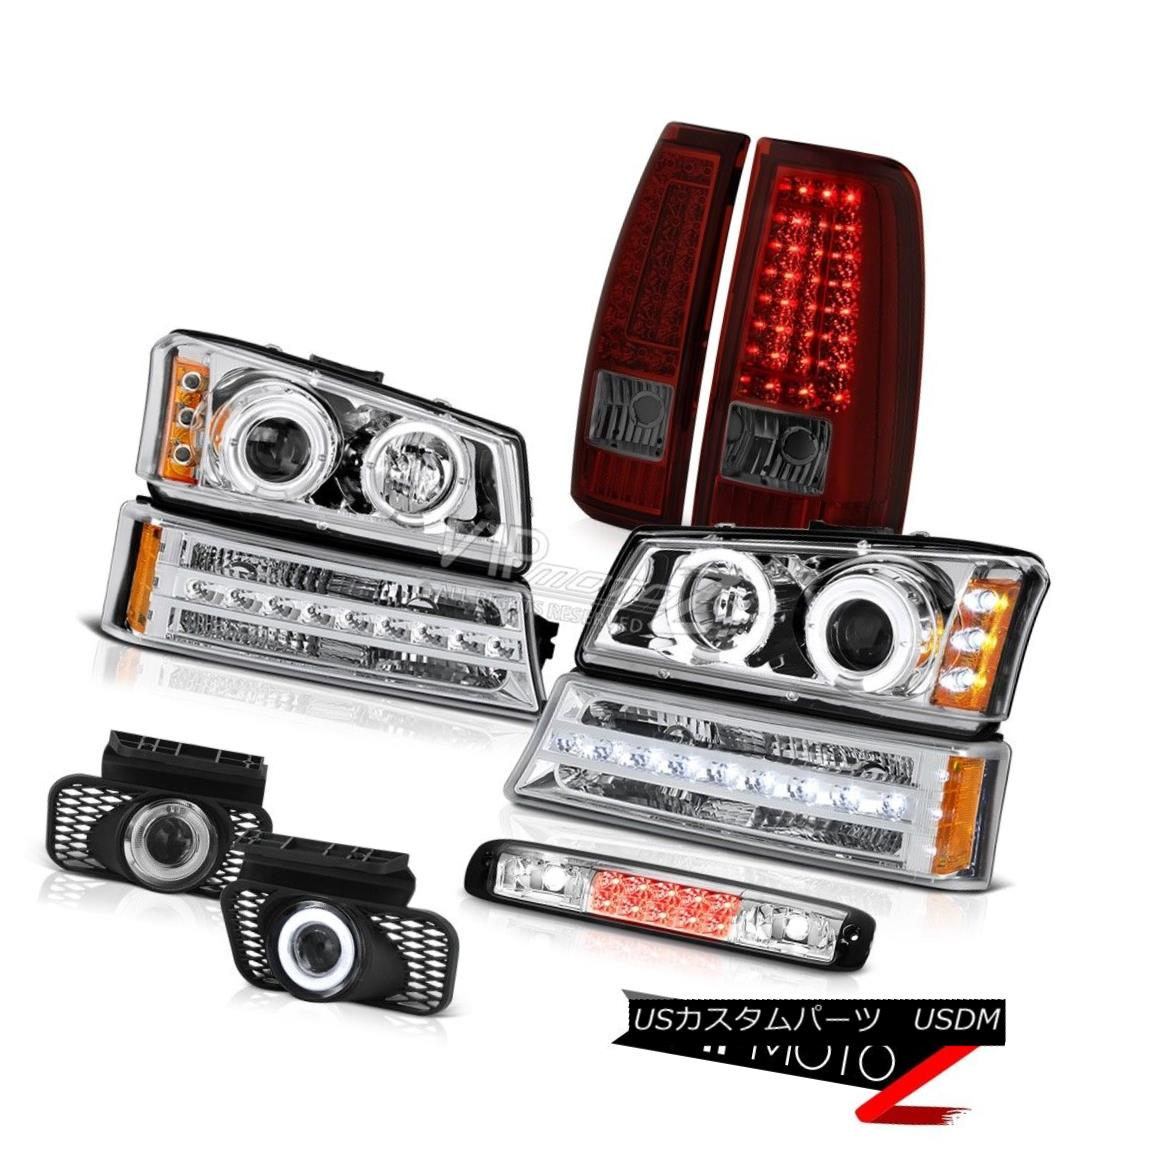 ヘッドライト 03-06 Silverado 1500 3RD Brake Light Fog Lights Taillights Signal Headlamps LED 03-06 Silverado 1500 3RDブレーキライトフォグライトテールライトシグナルヘッドランプLED